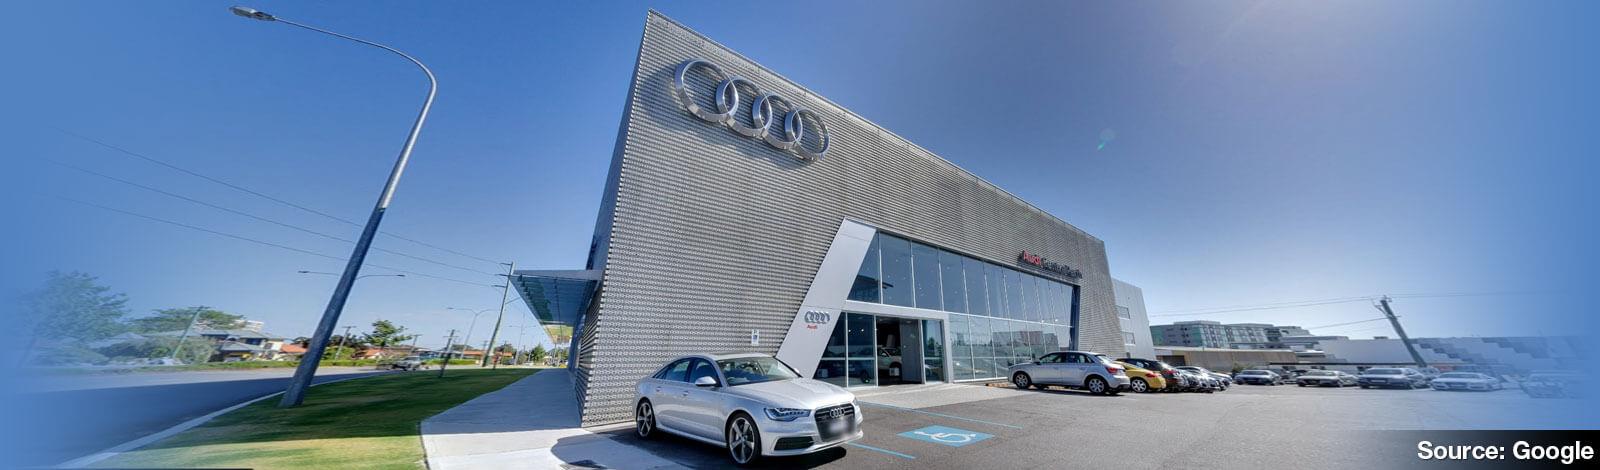 Audi Expands In WA - Audi car dealership